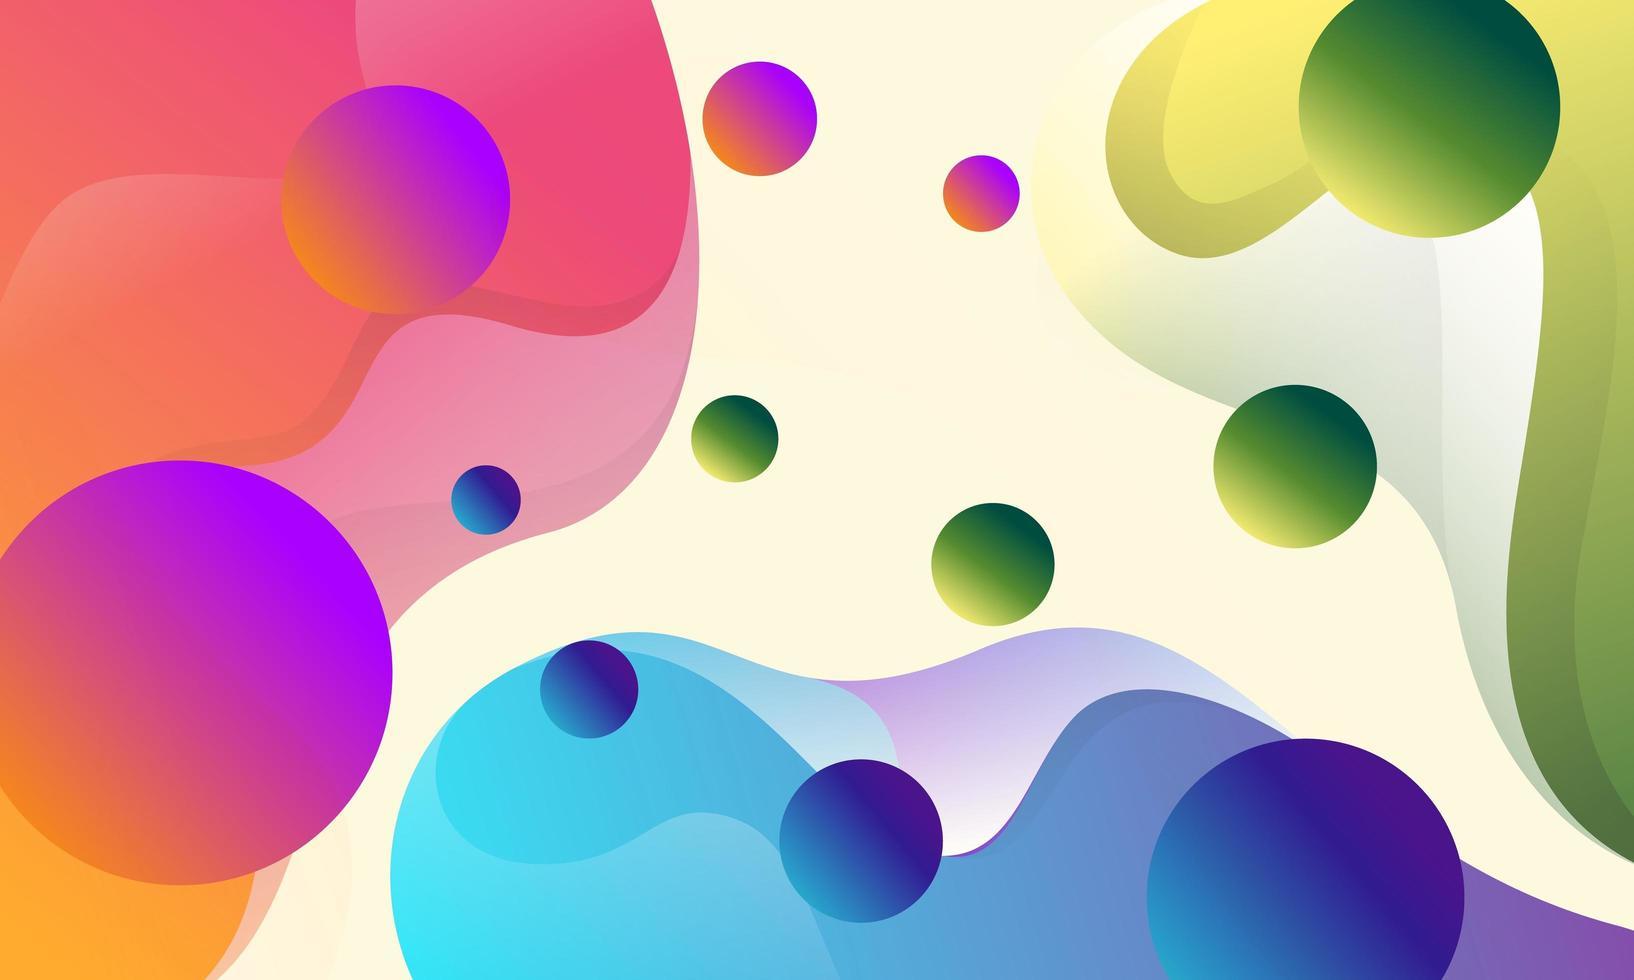 abstracte kleurrijke stroom vormen achtergrond vector